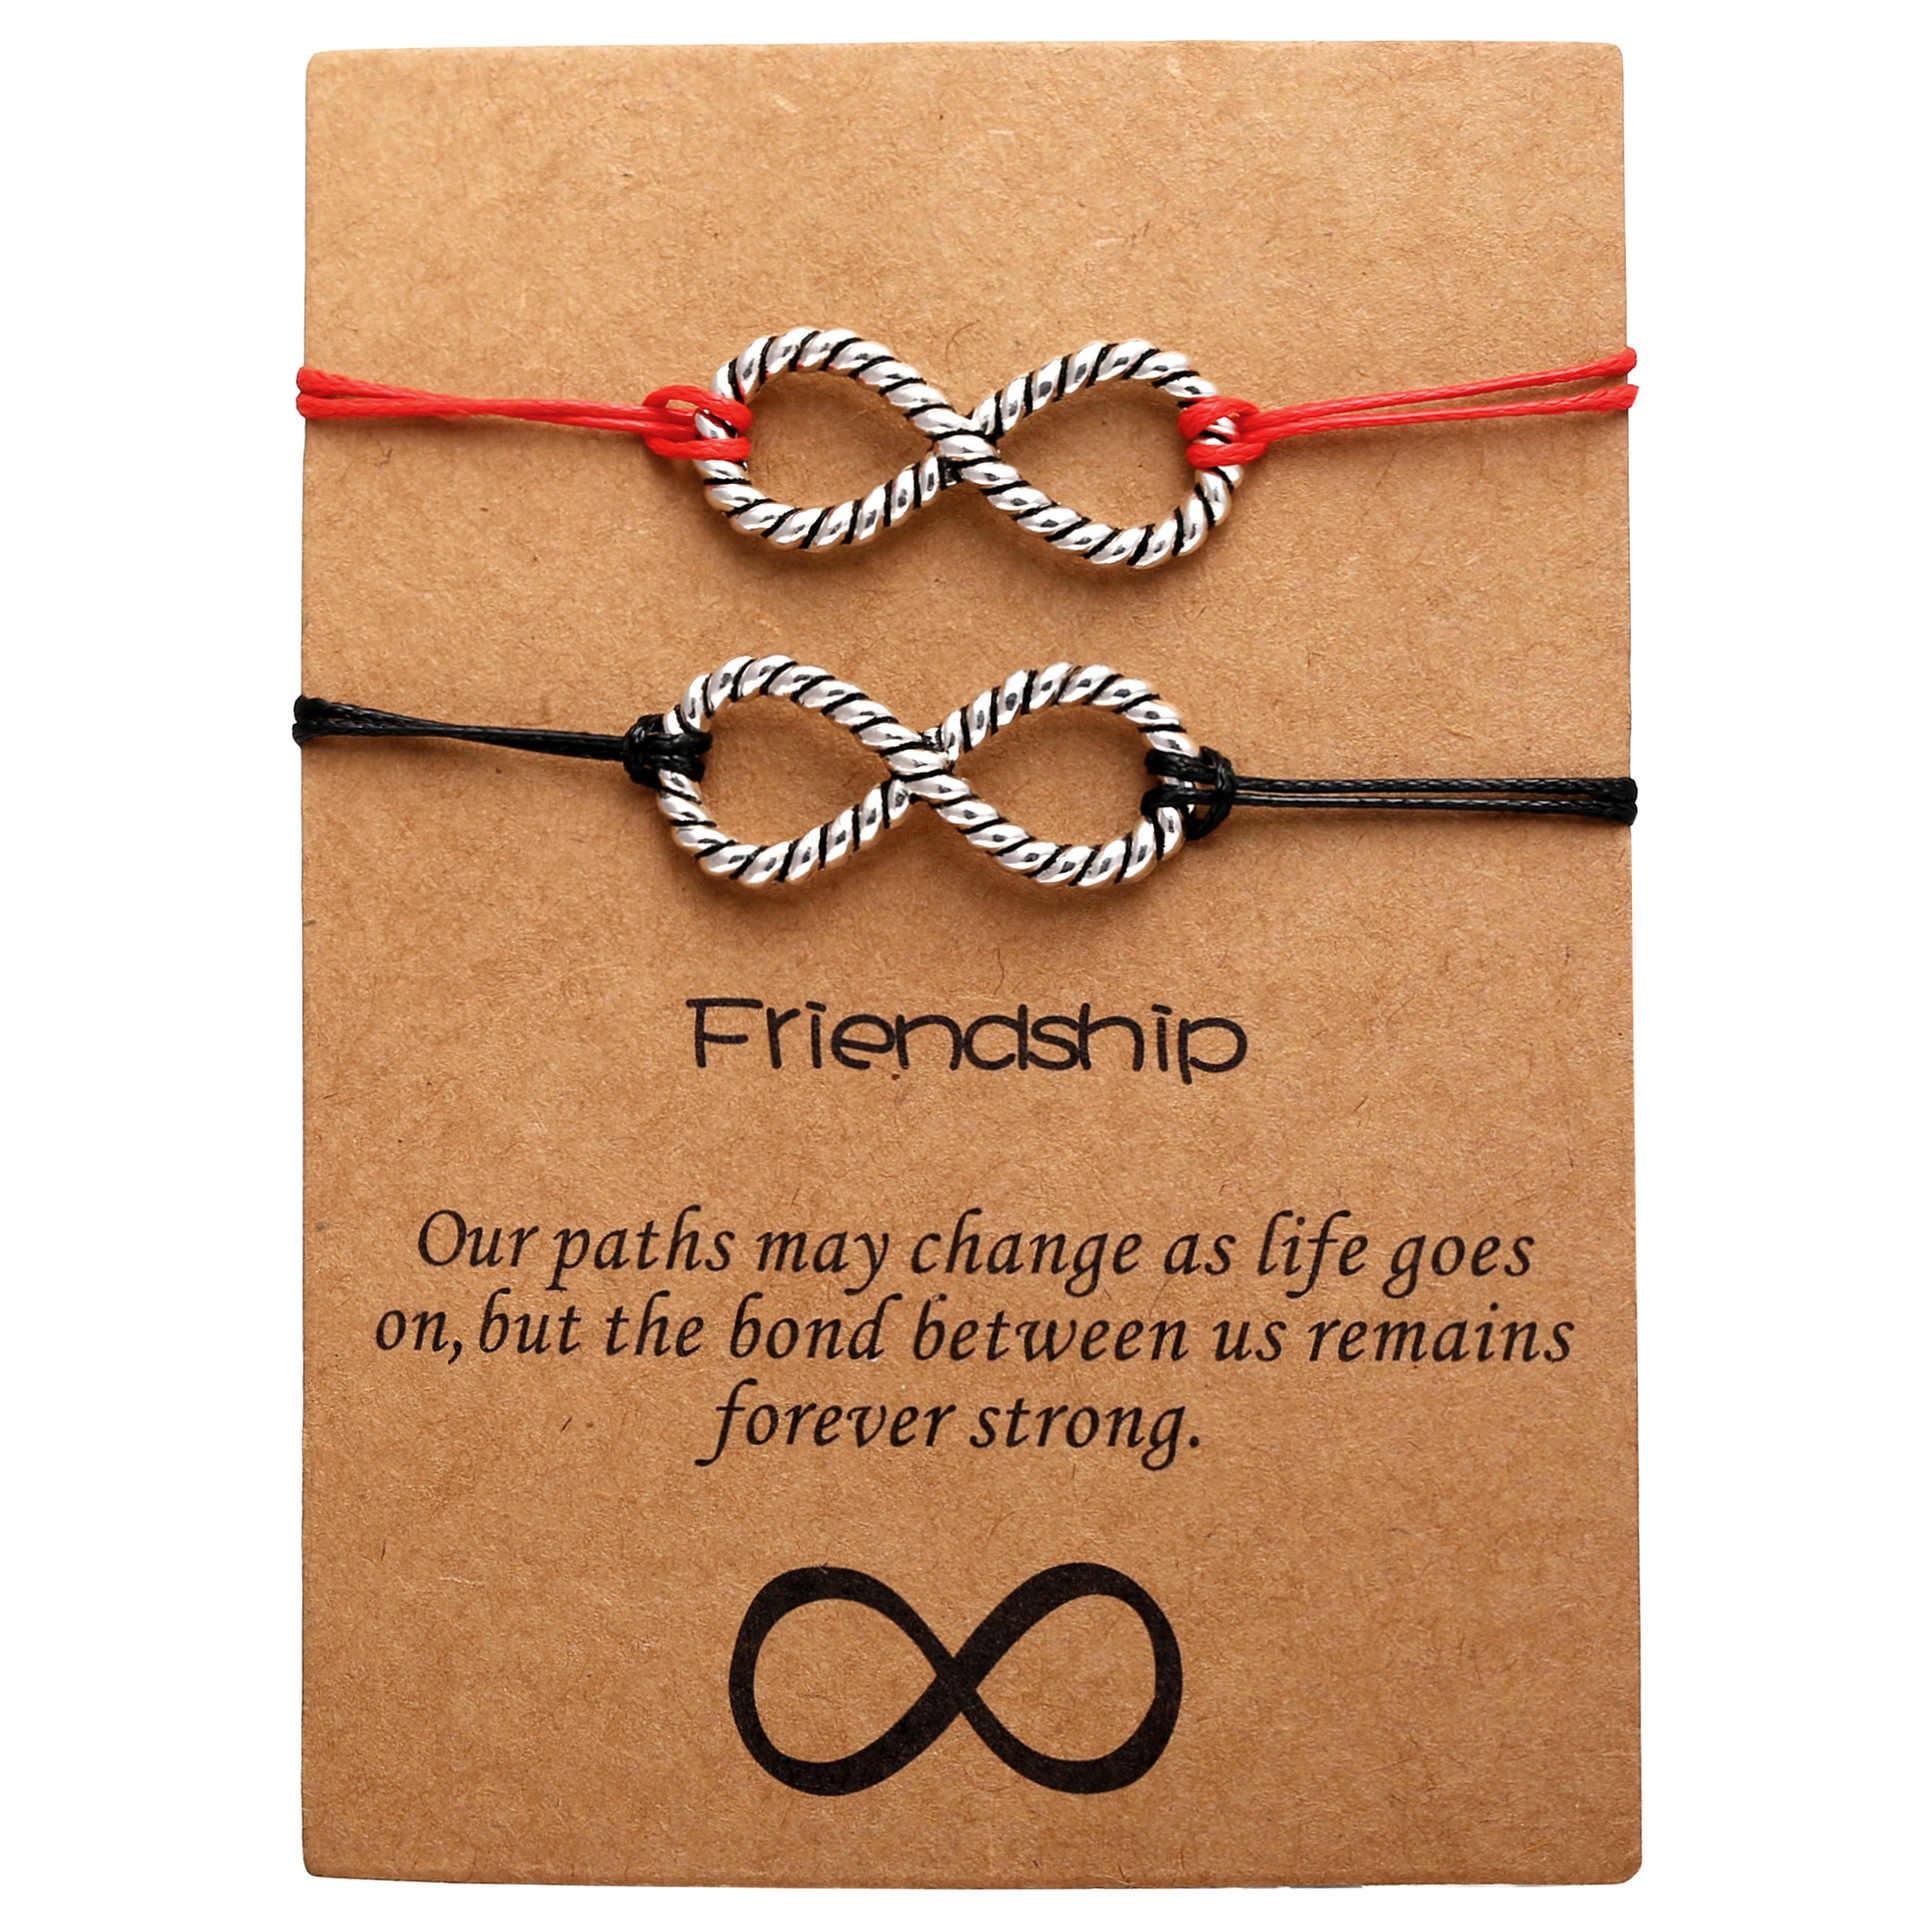 Doreen Hộp Cổ Điển Lovers 'Vòng Tay Thiết Lập Phụ Nữ Người Đàn Ông Geoemtric Vô Hạn Knot Tim Rope Vòng Đeo Tay Người Bạn Tốt Nhất Vòng Đeo Tay, 2 cái/bộ